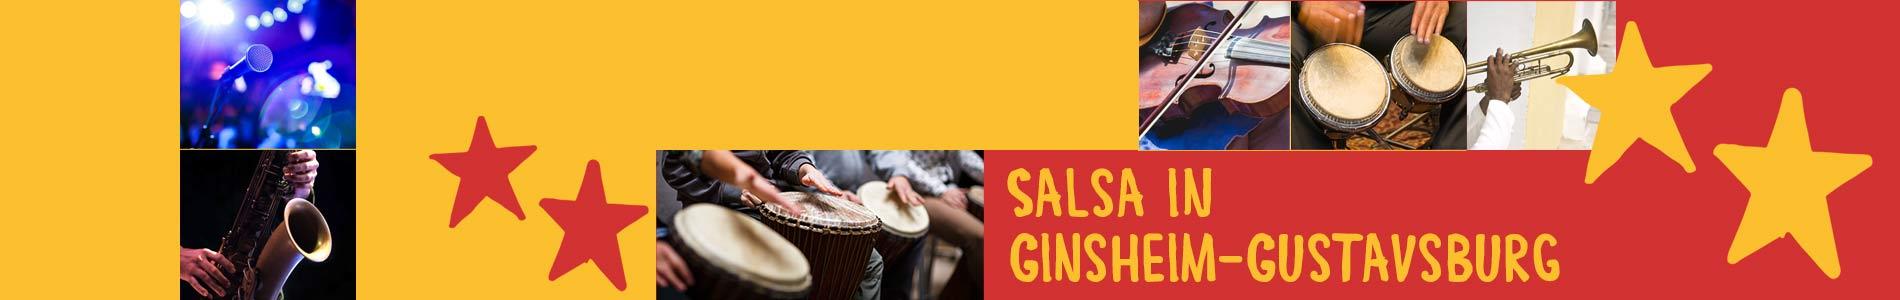 Salsa in Ginsheim-Gustavsburg – Salsa lernen und tanzen, Tanzkurse, Partys, Veranstaltungen